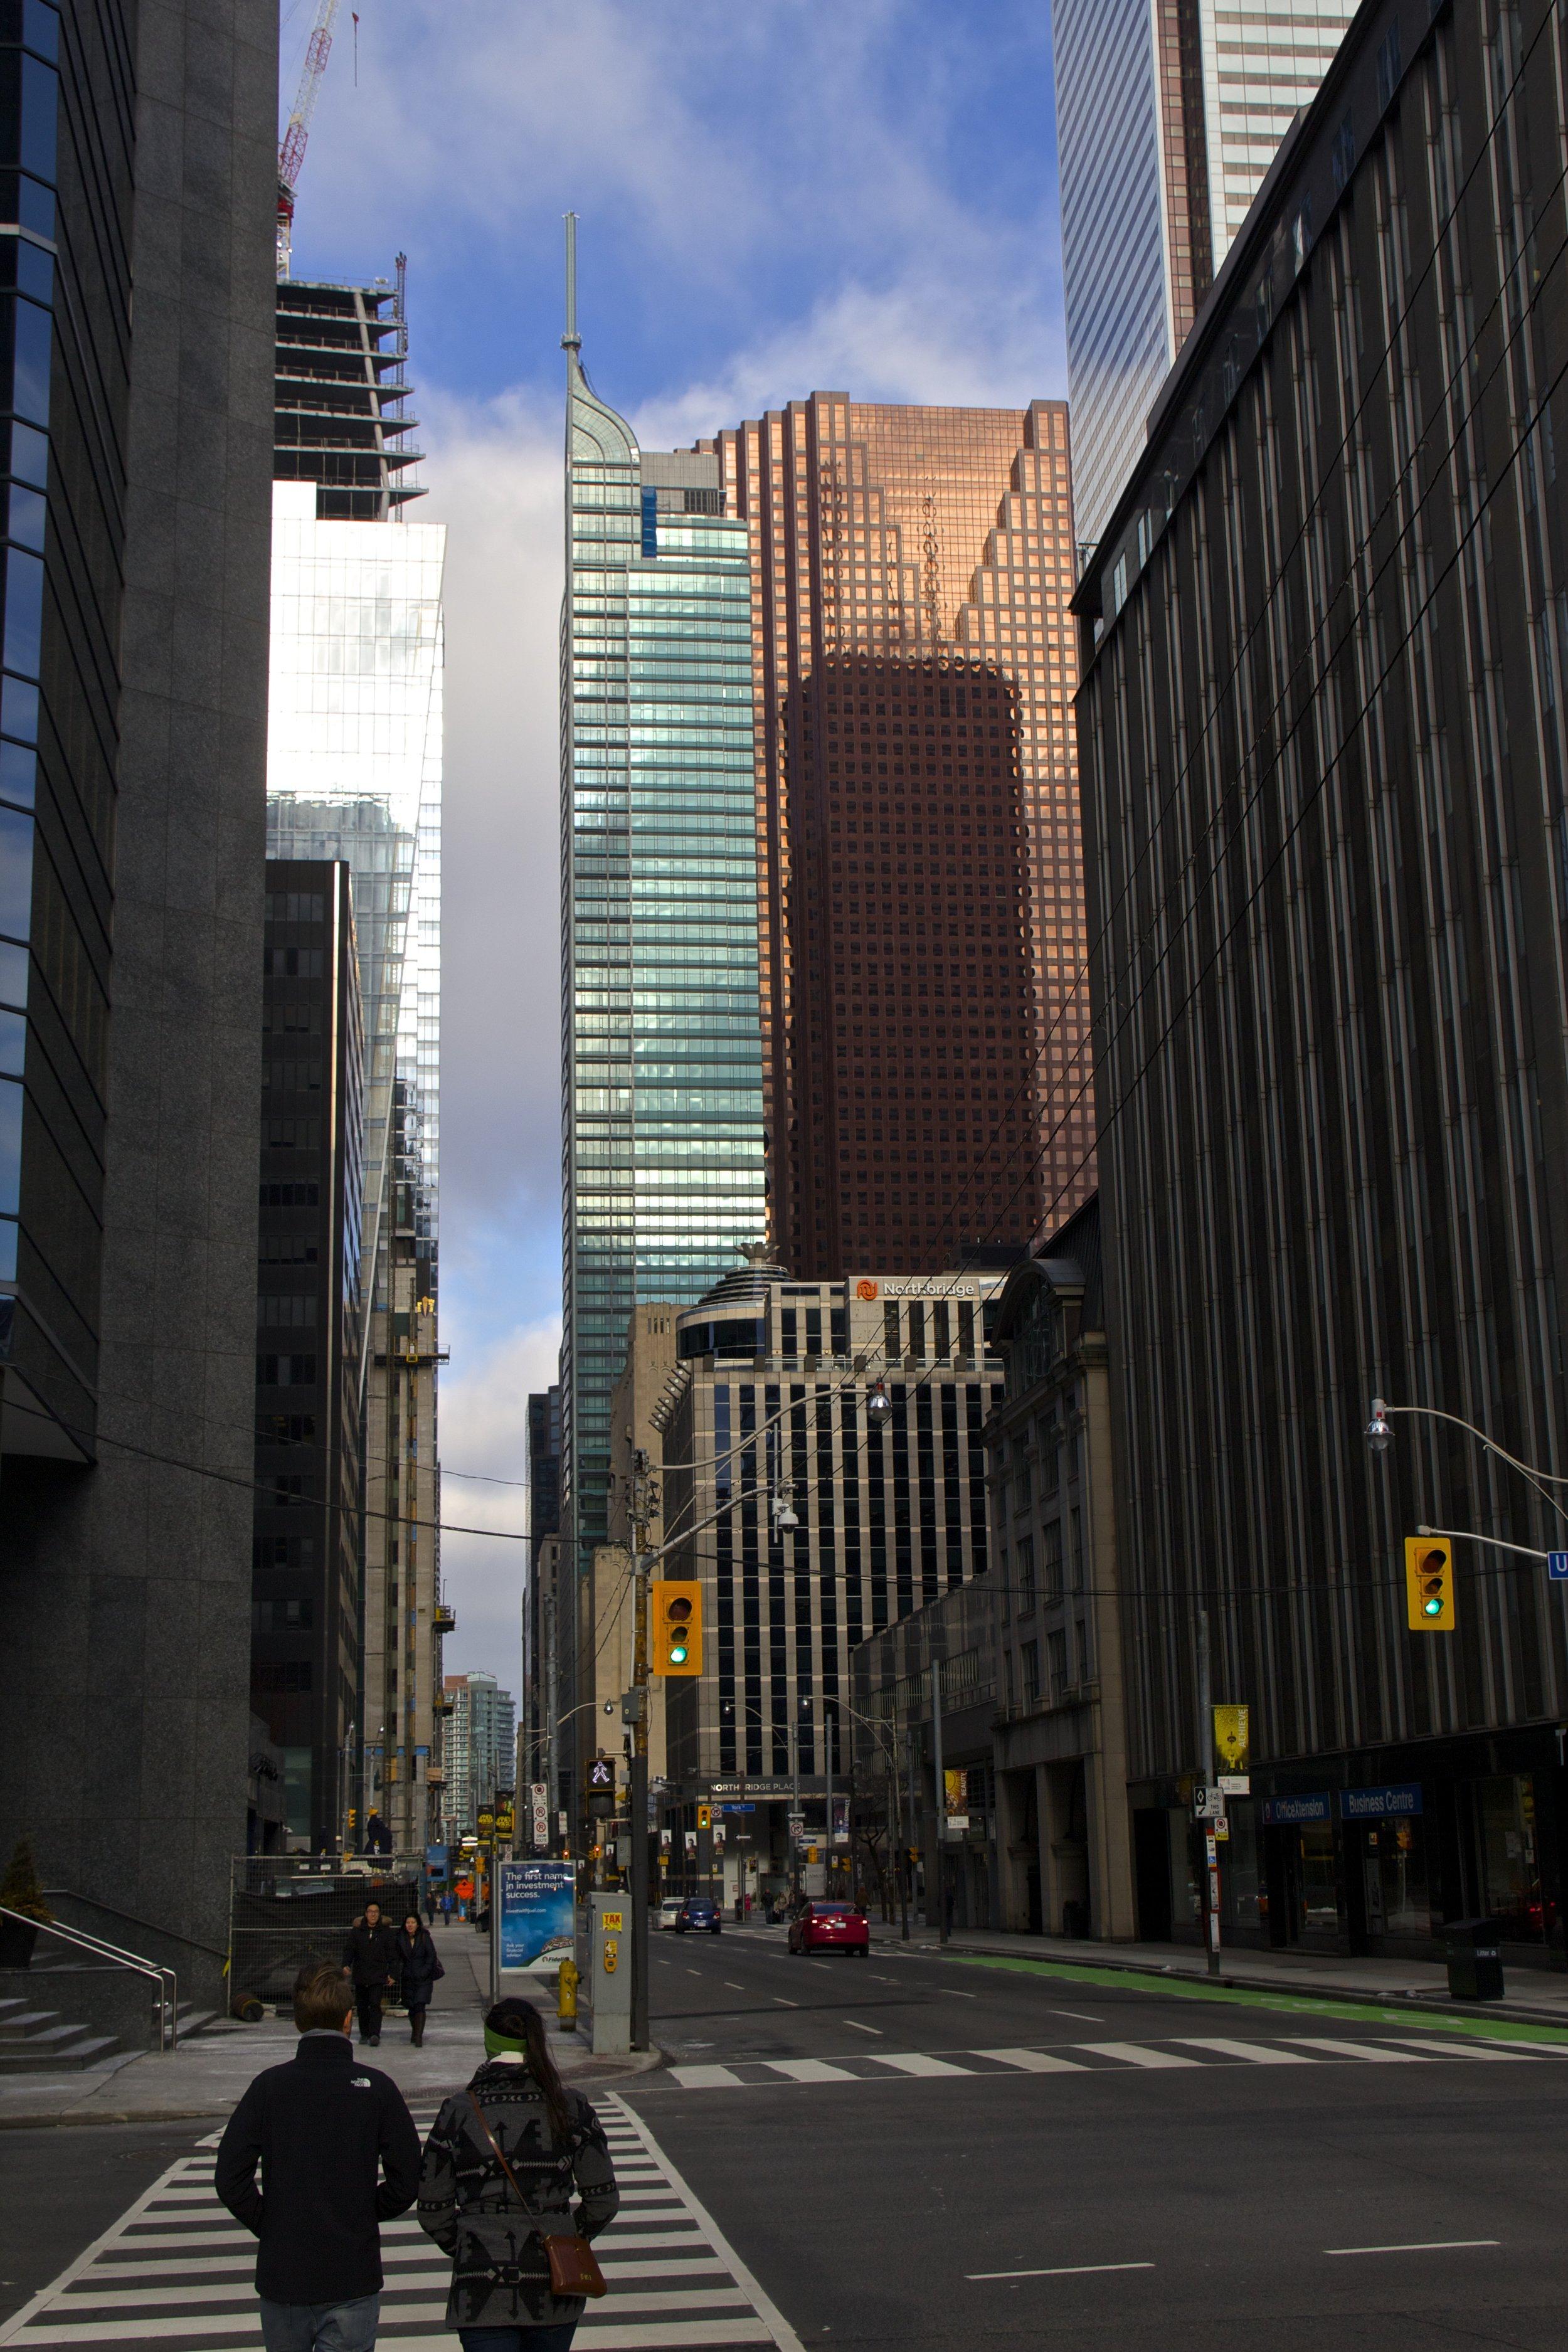 toronto downtown financial district 7.jpg